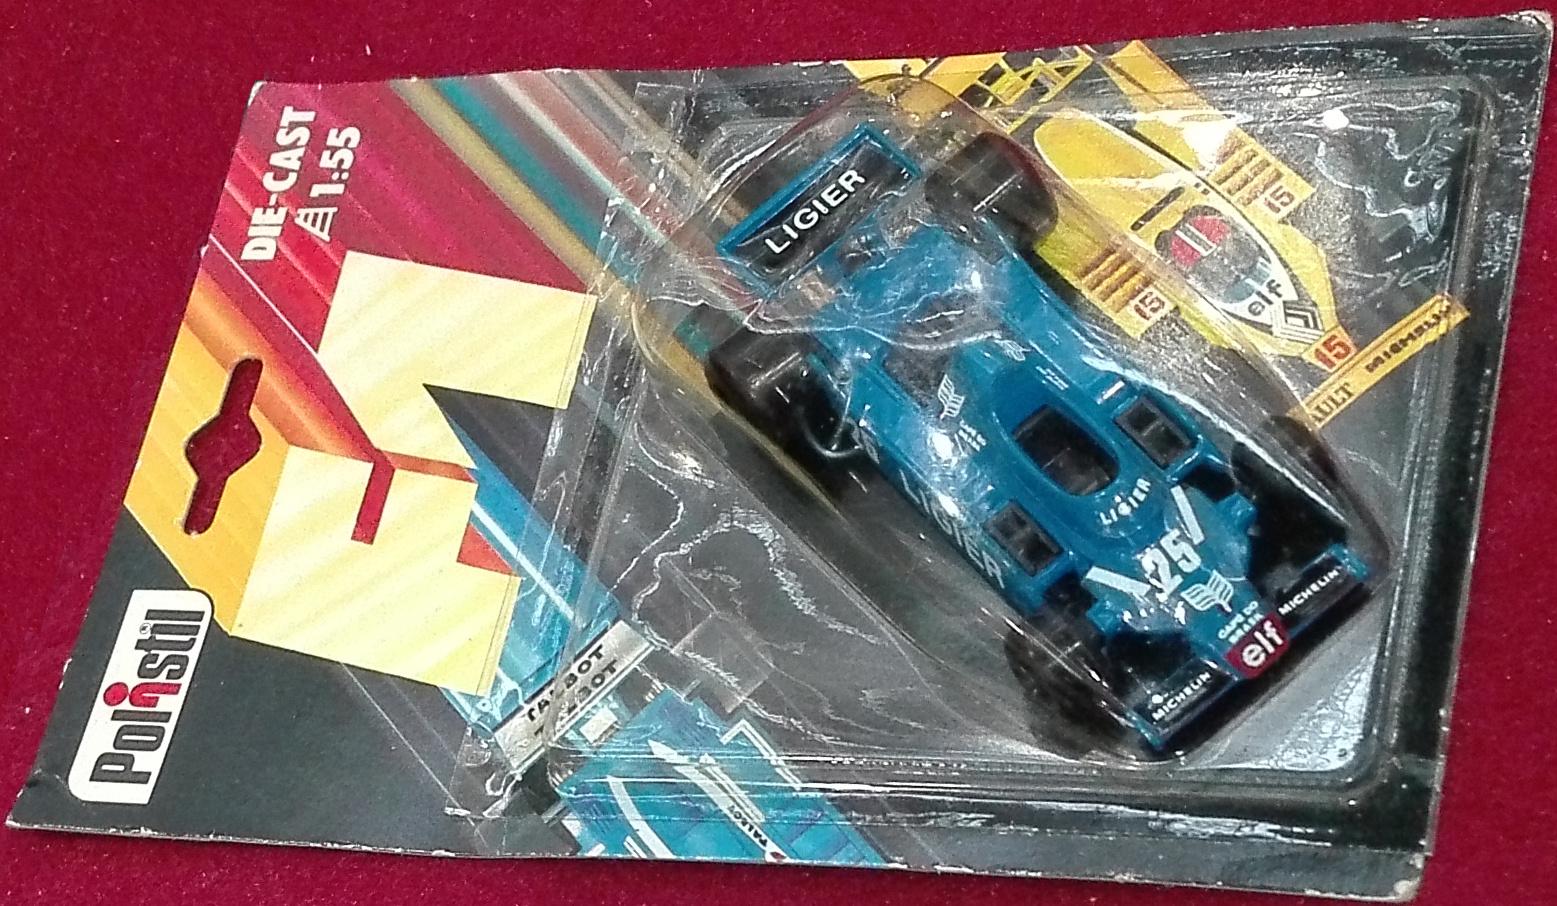 RN2, Ligier JS11 F1 con i colori del team Cafè do Brasil (cc-by-sa my photo)